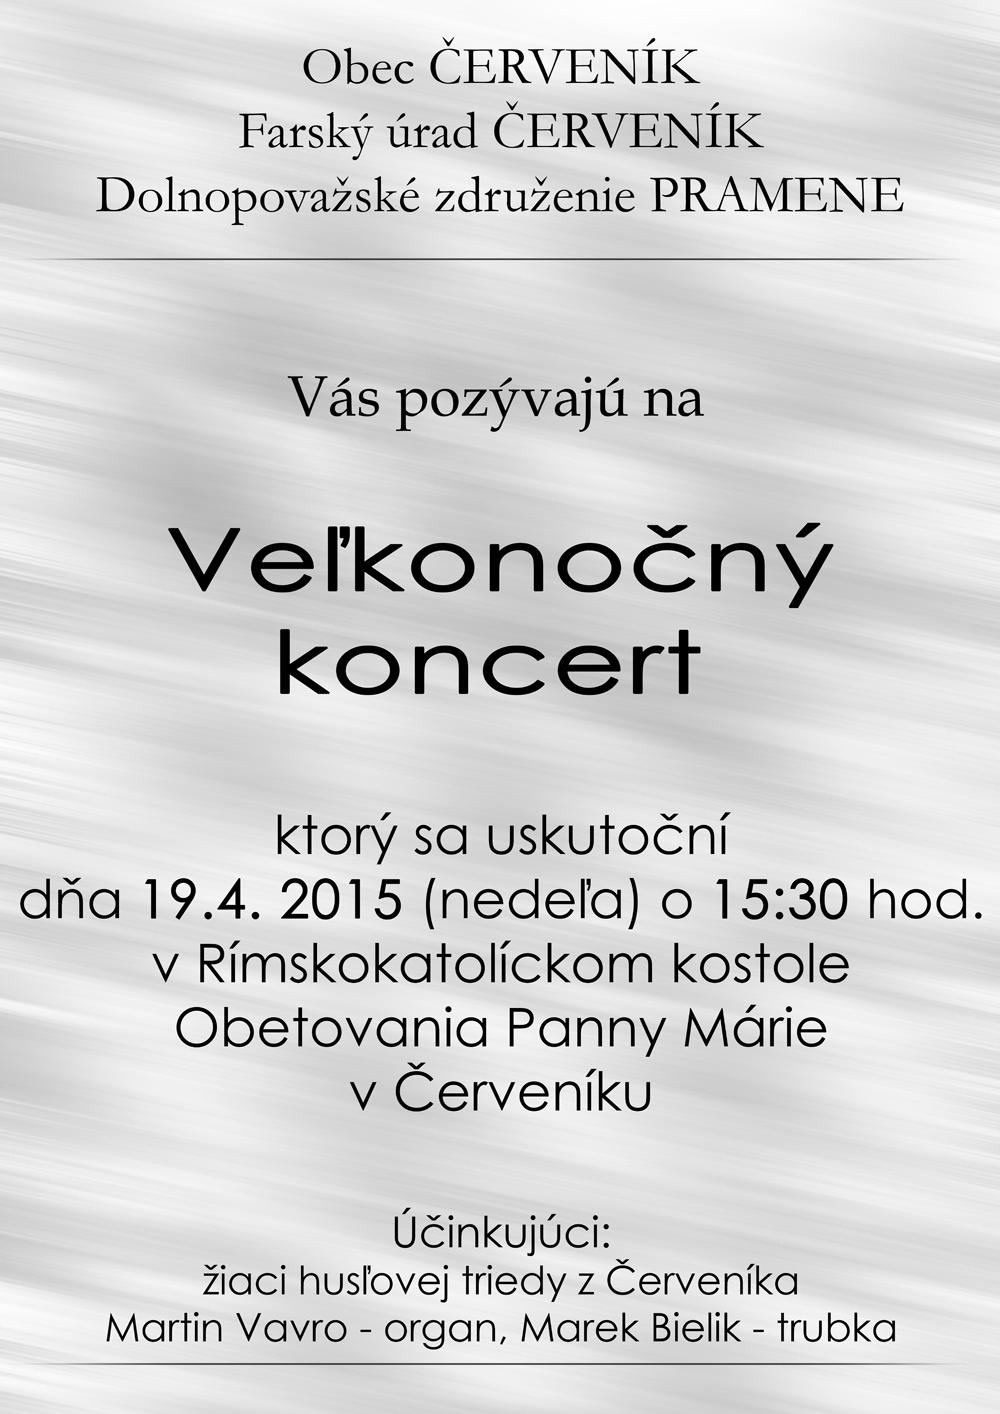 velkonocny koncert